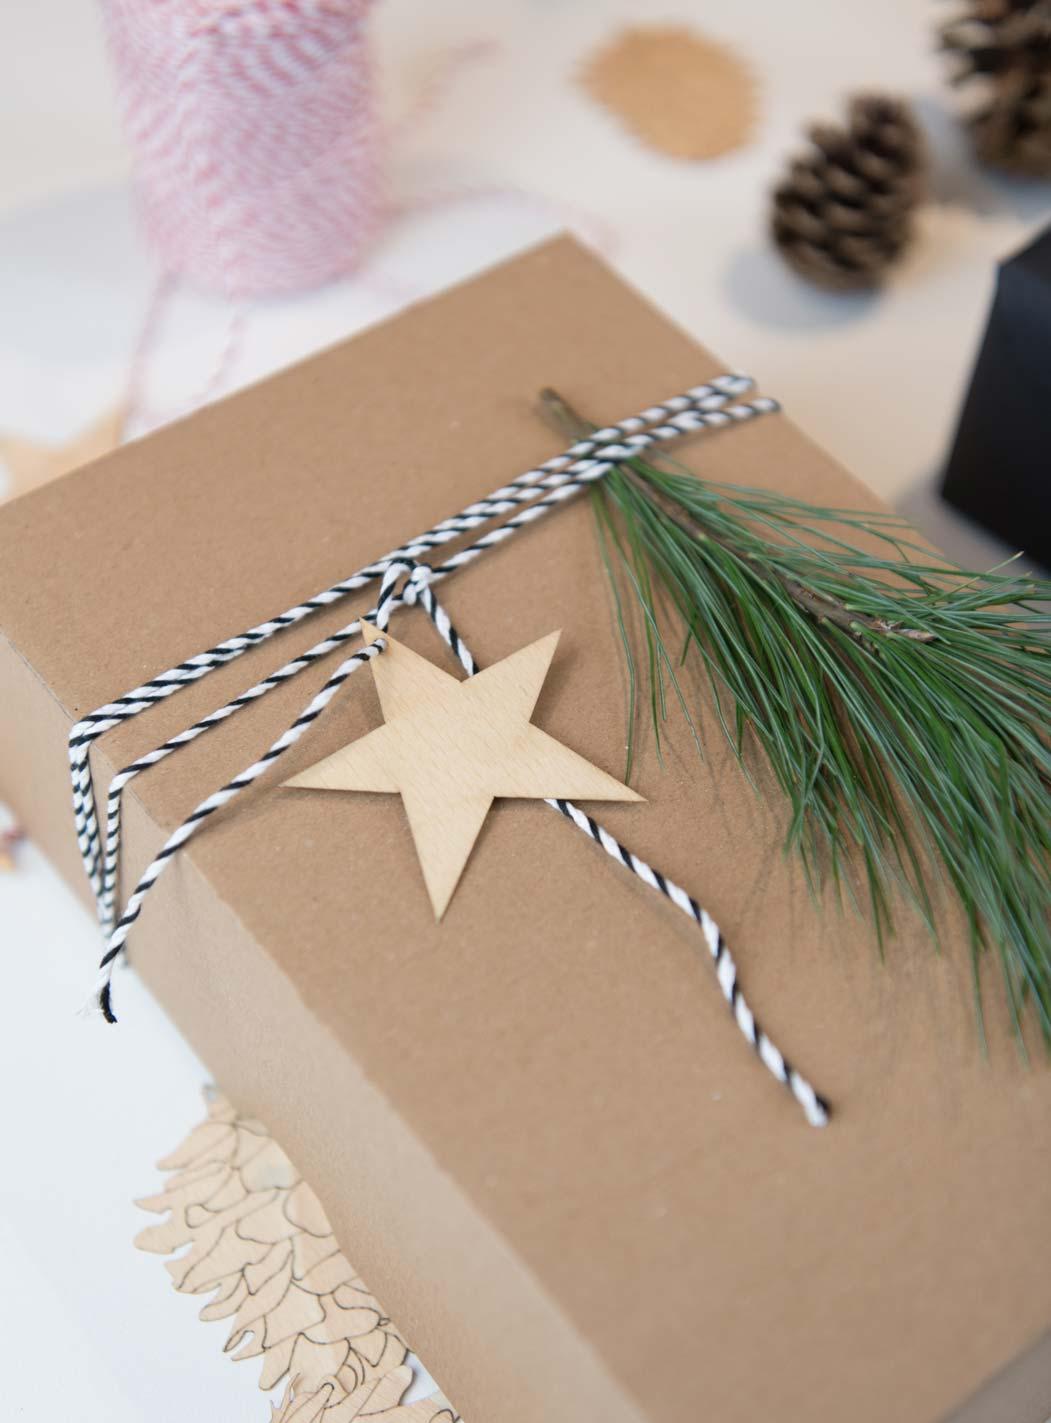 natürlich Geschenke verpacken zu Weihnachten